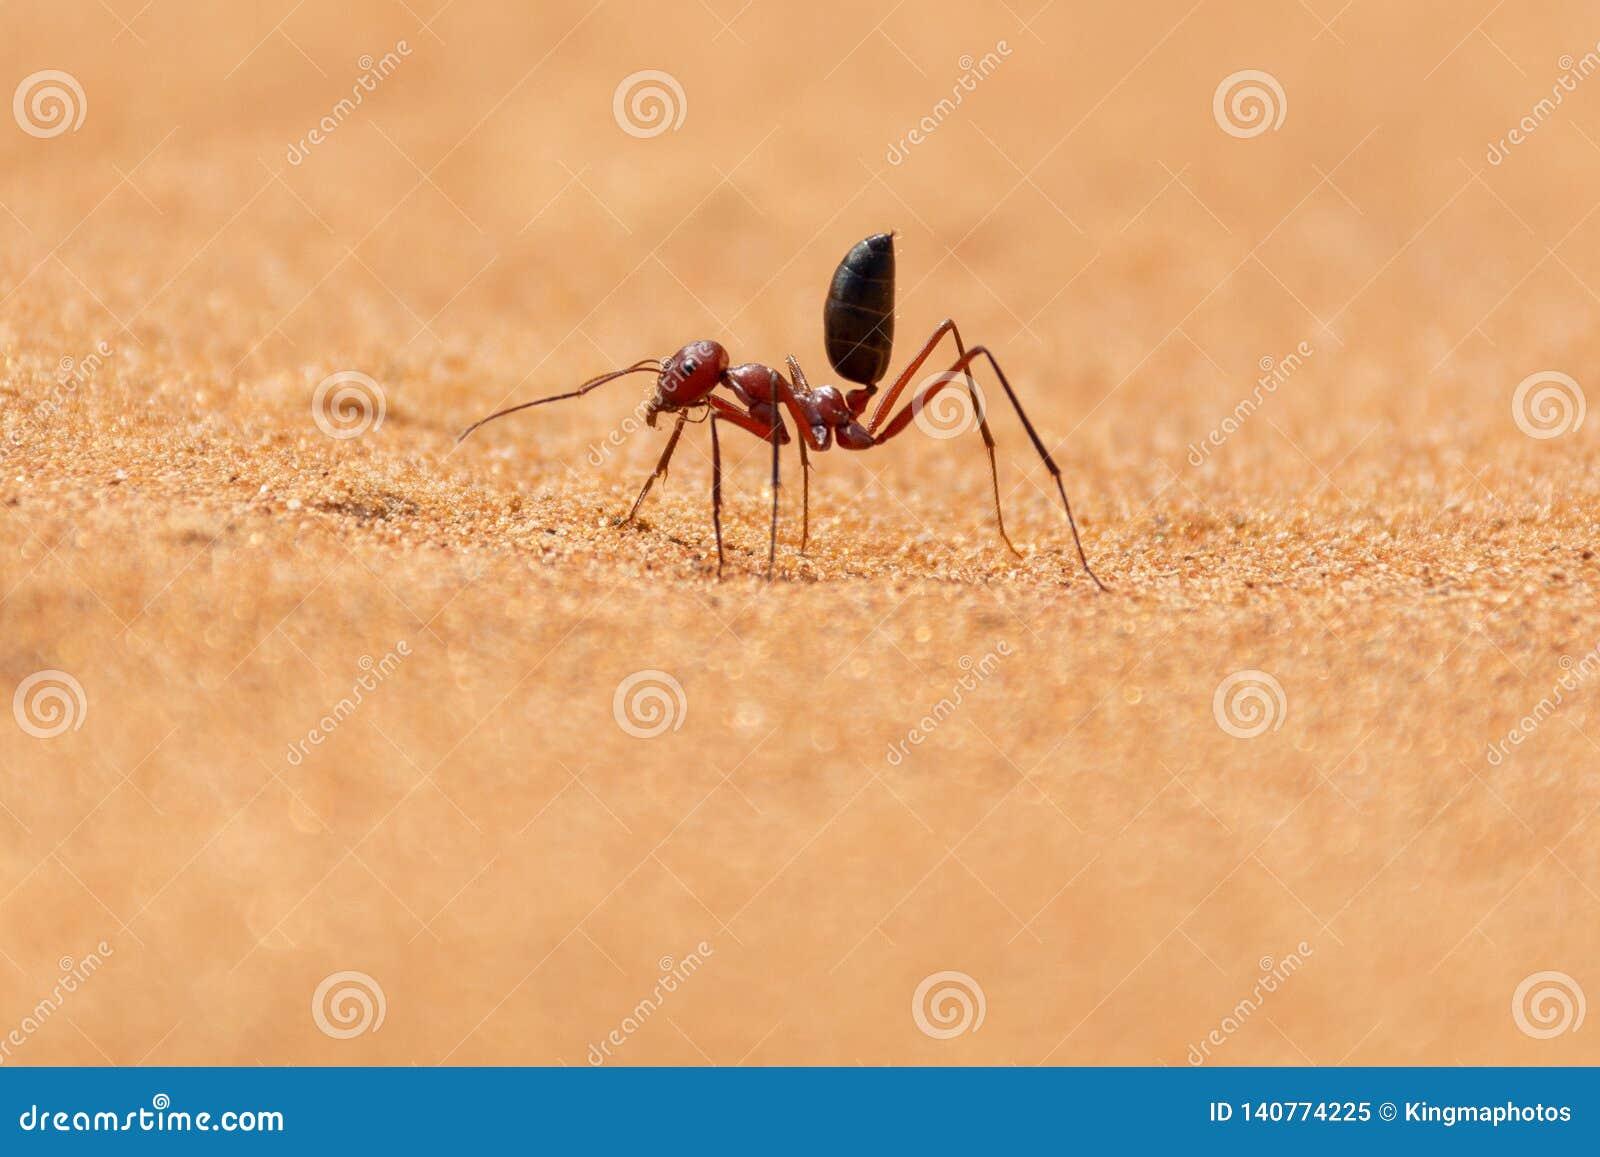 Funcionamiento bicolor de Sahara Desert Ant Cataglyphis a lo largo de las dunas de arena